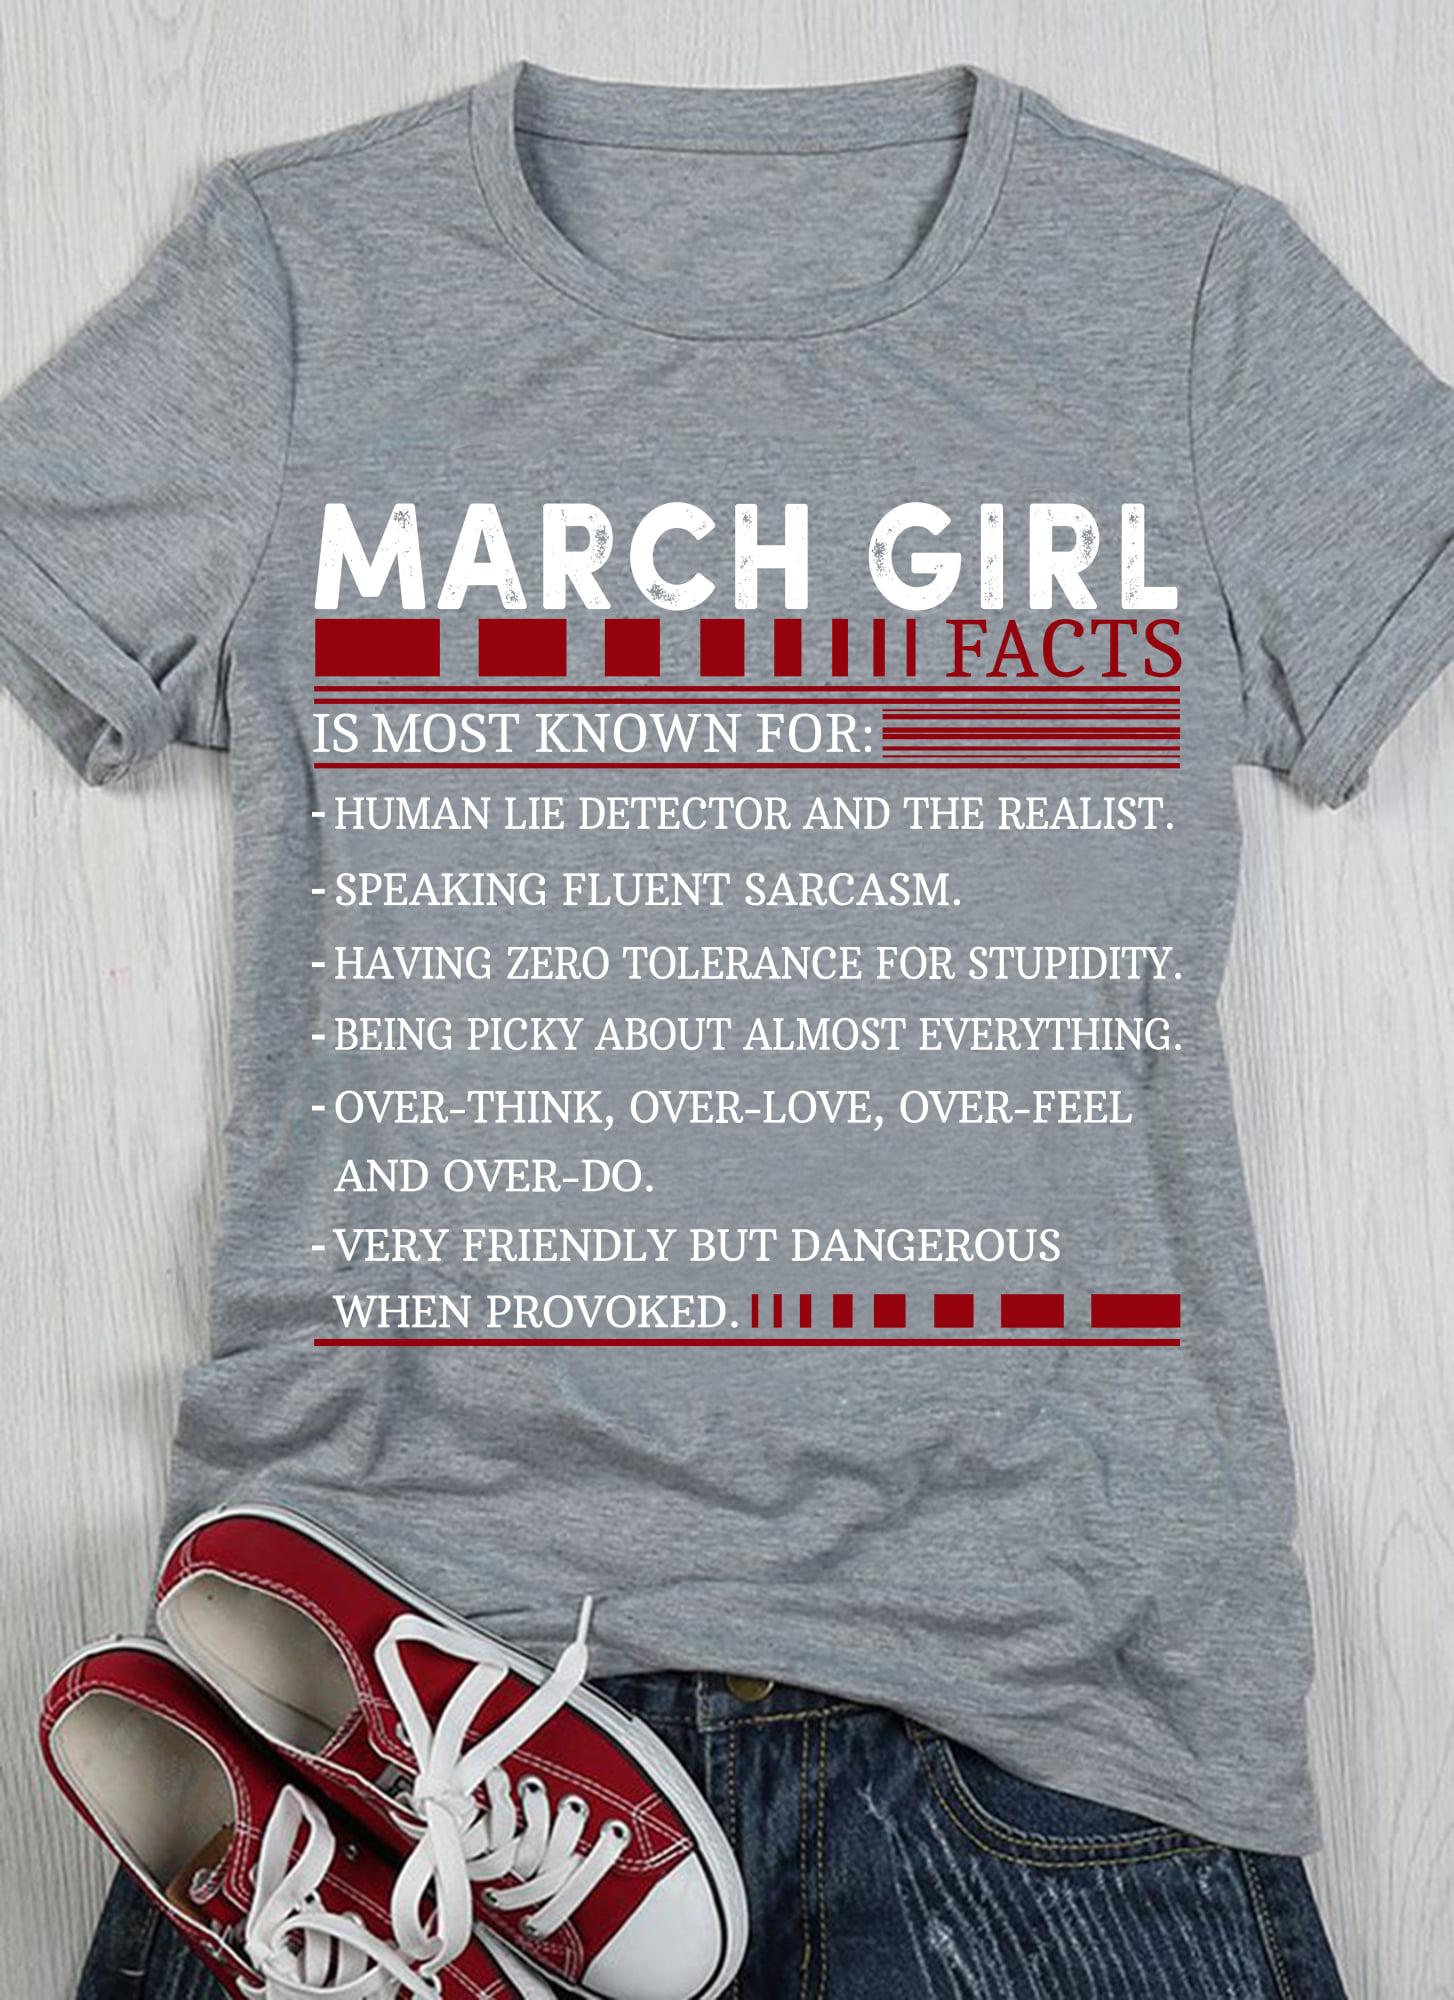 March Girl Facts Shirt Speaking Fluent Sarcasm